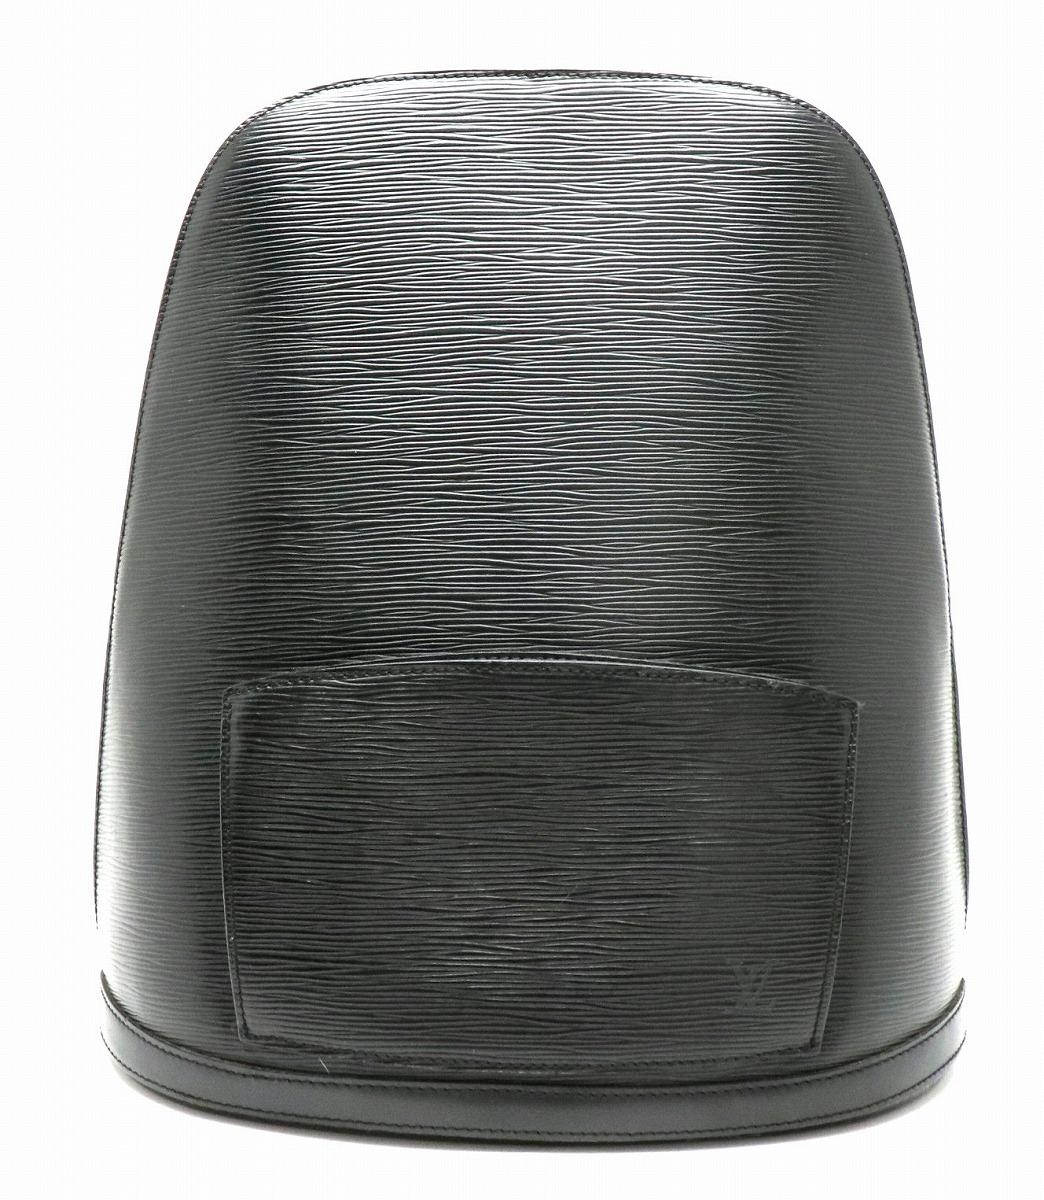 【バッグ】LOUIS VUITTON ルイ ヴィトン エピ コブラン リュック ショルダーバッグ レザー ノワール 黒 ブラック M52292 【中古】【k】